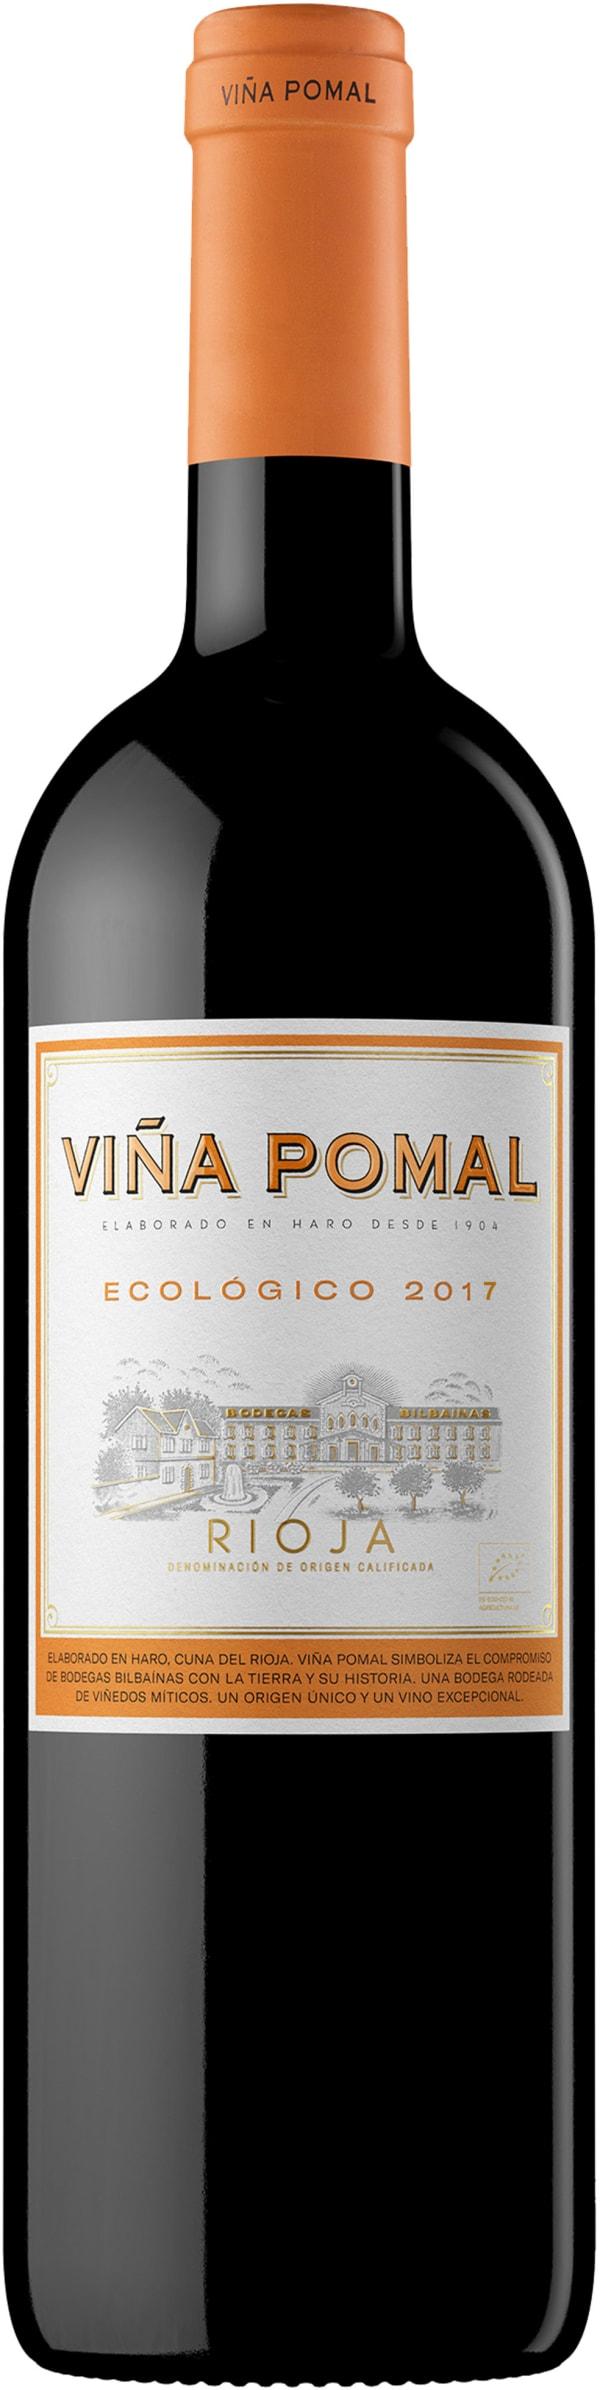 Viña Pomal Ecologico 2017